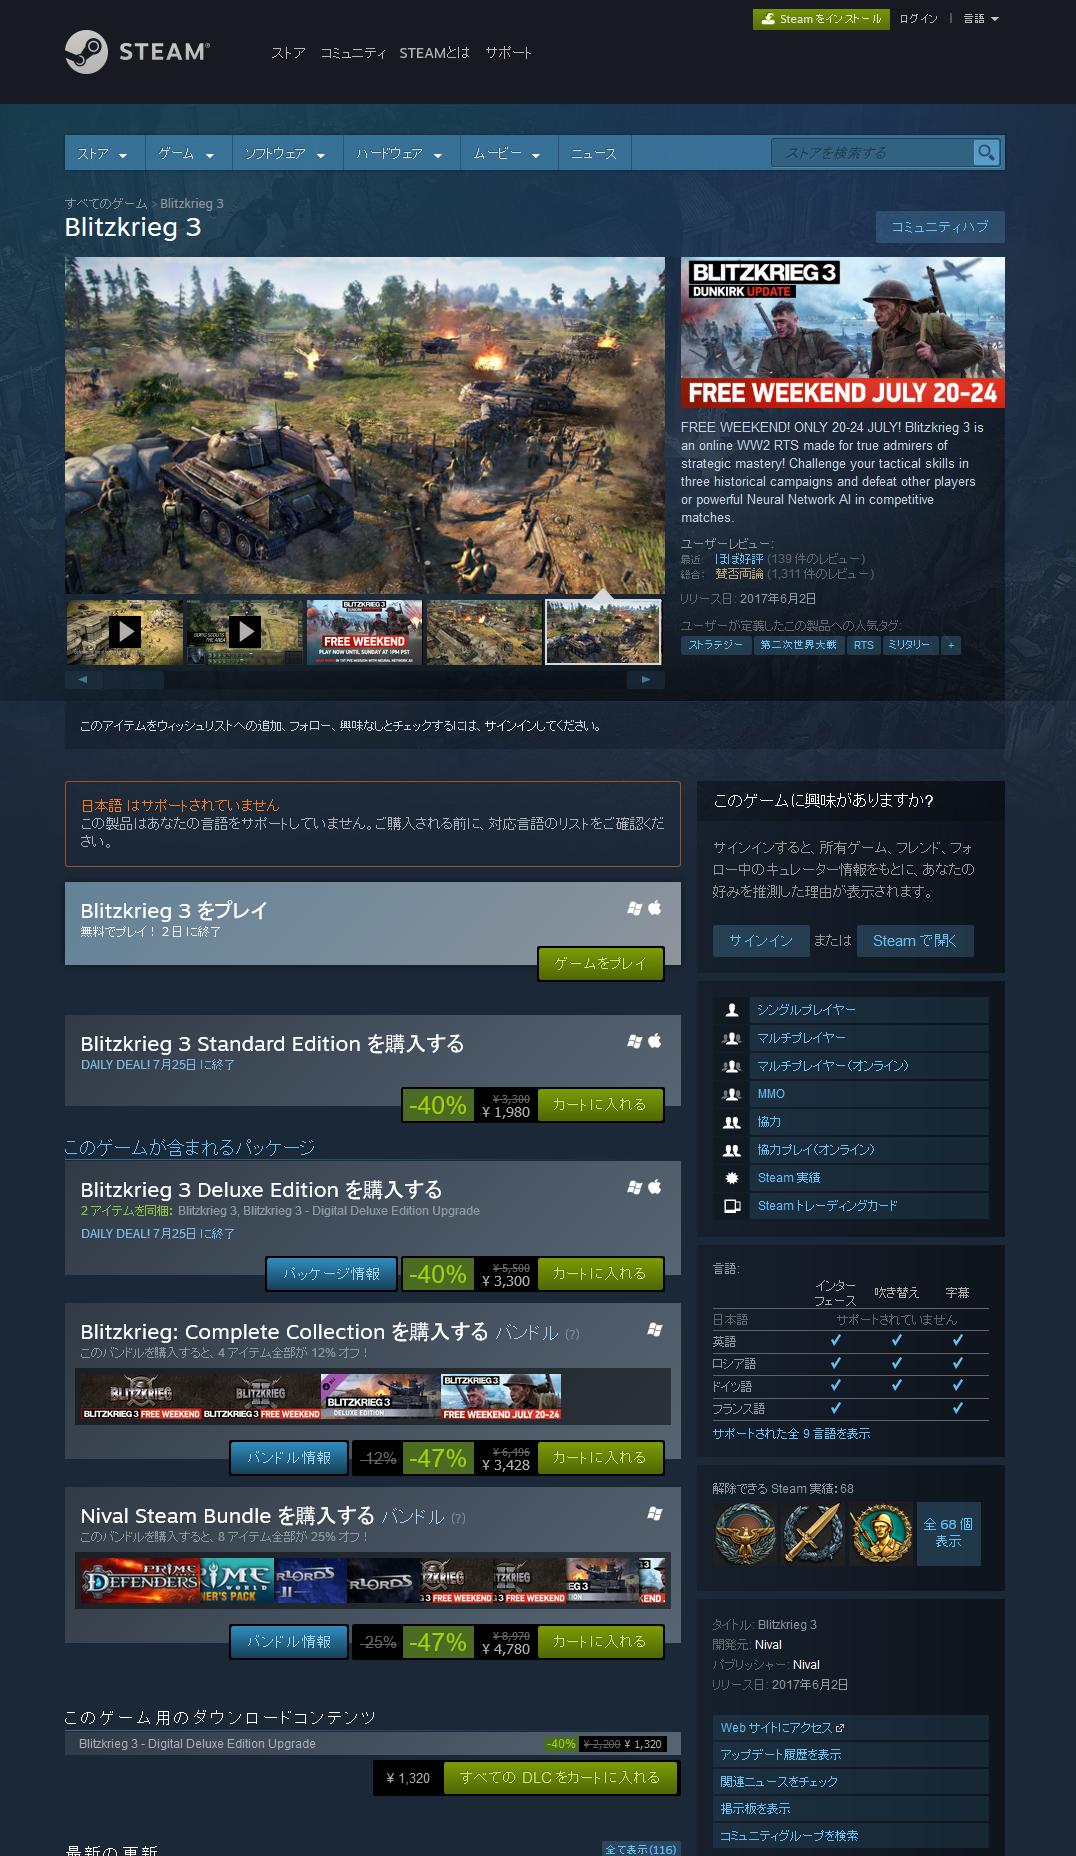 """Blitzkrieg 3 Standard Edition(<a href=""""http://store.steampowered.com/app/235380/Blitzkrieg_3/"""">Steamへのリンク</a>)"""